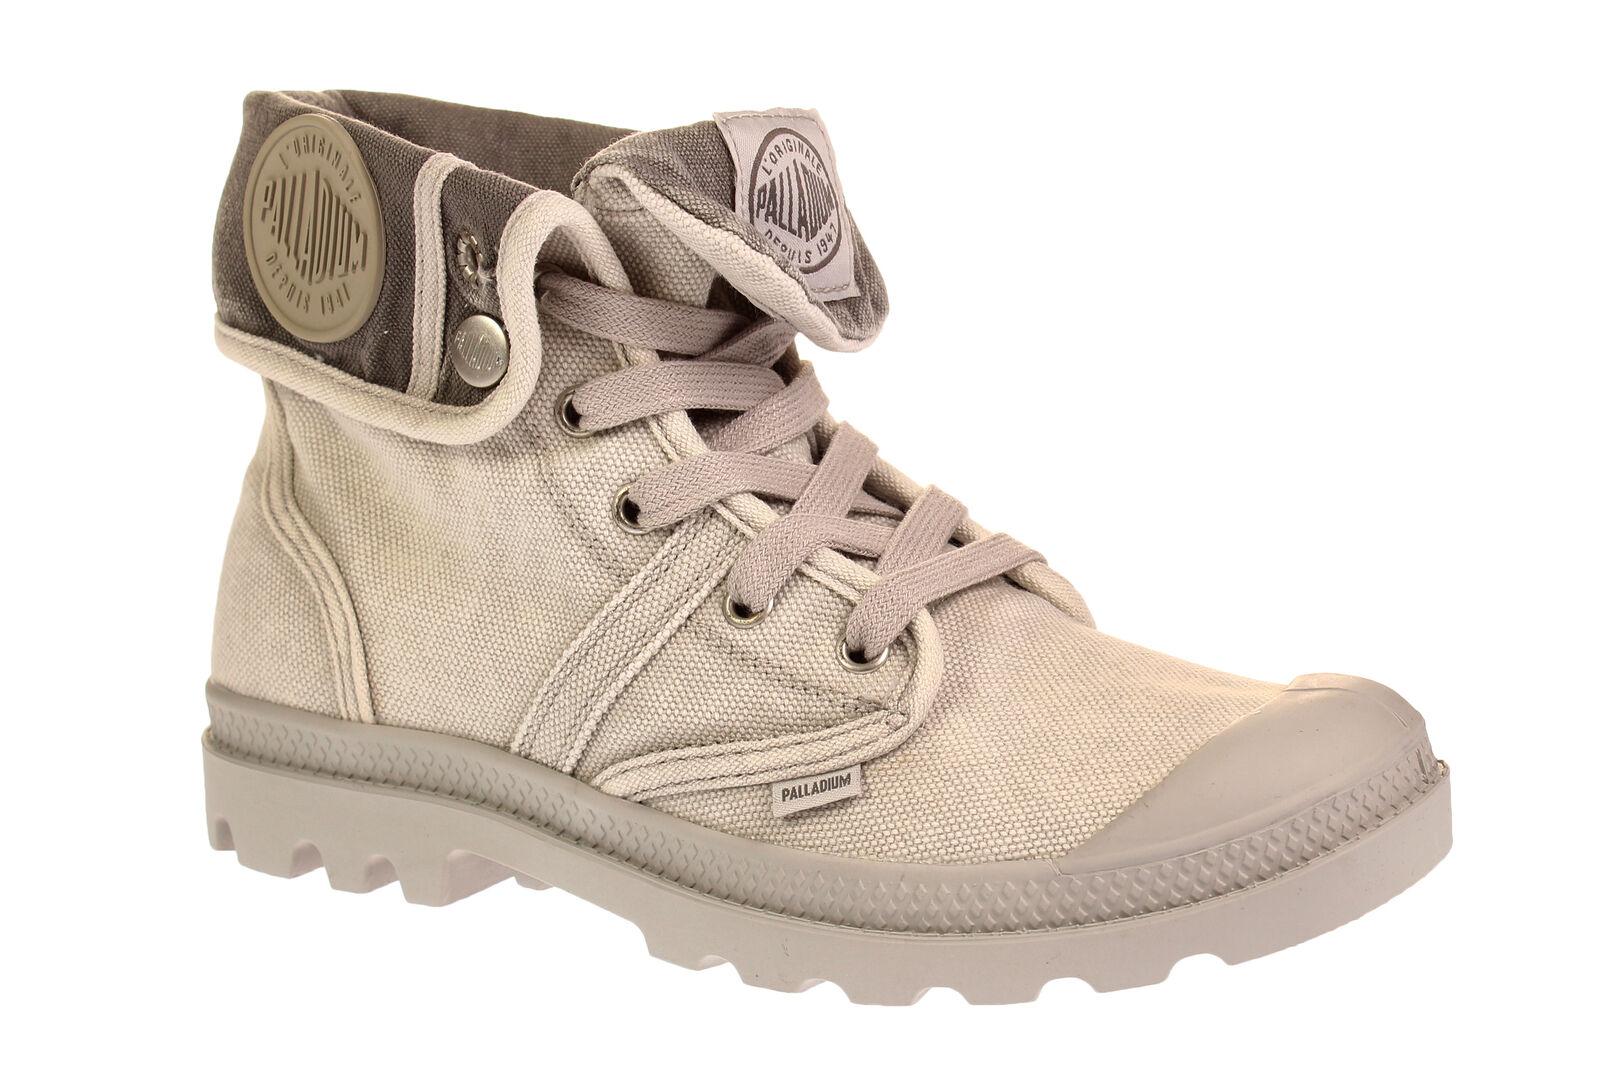 Palladium 71875 Pantaloni Lunghi Cavallo Basso W-Scarpe Uomo Stivali Stivali - 869-Vapor-METAL | Scelta Internazionale  | Uomo/Donne Scarpa